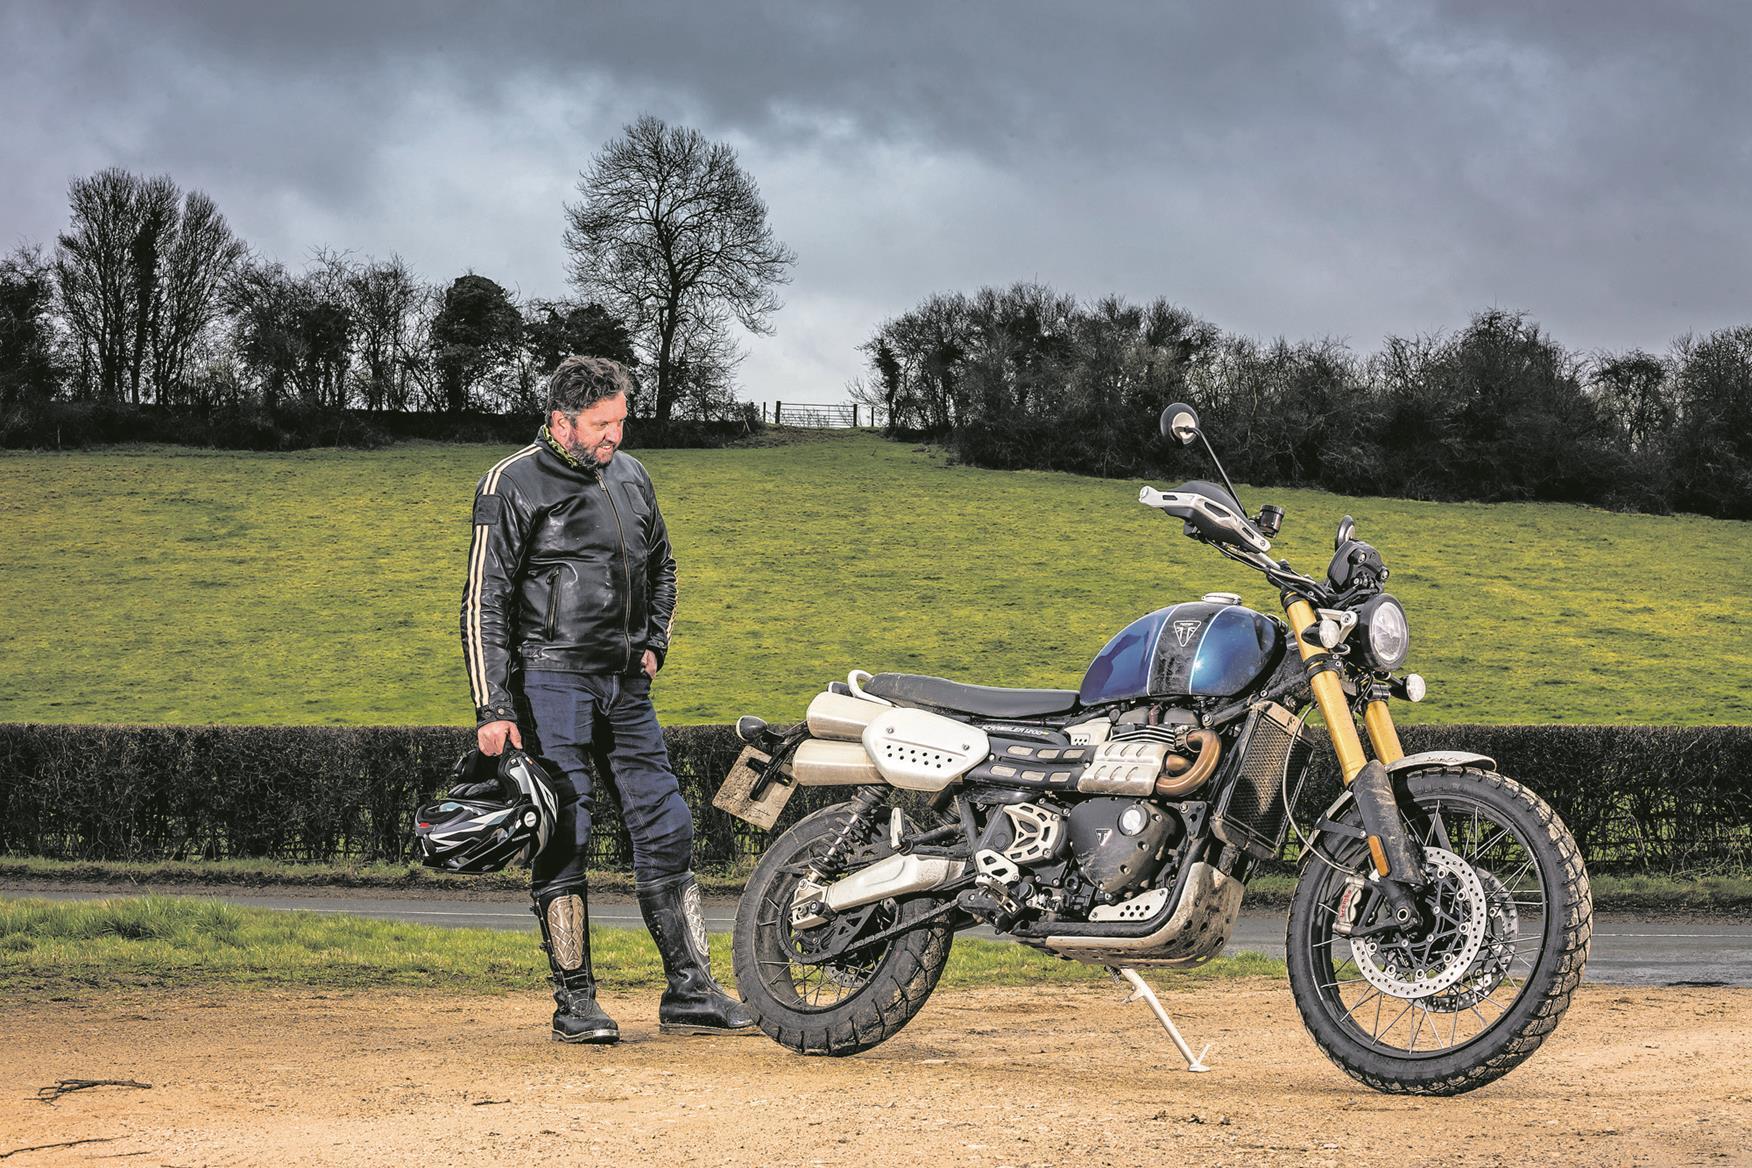 Simon admires the Triumph Scrambler 1200 XE